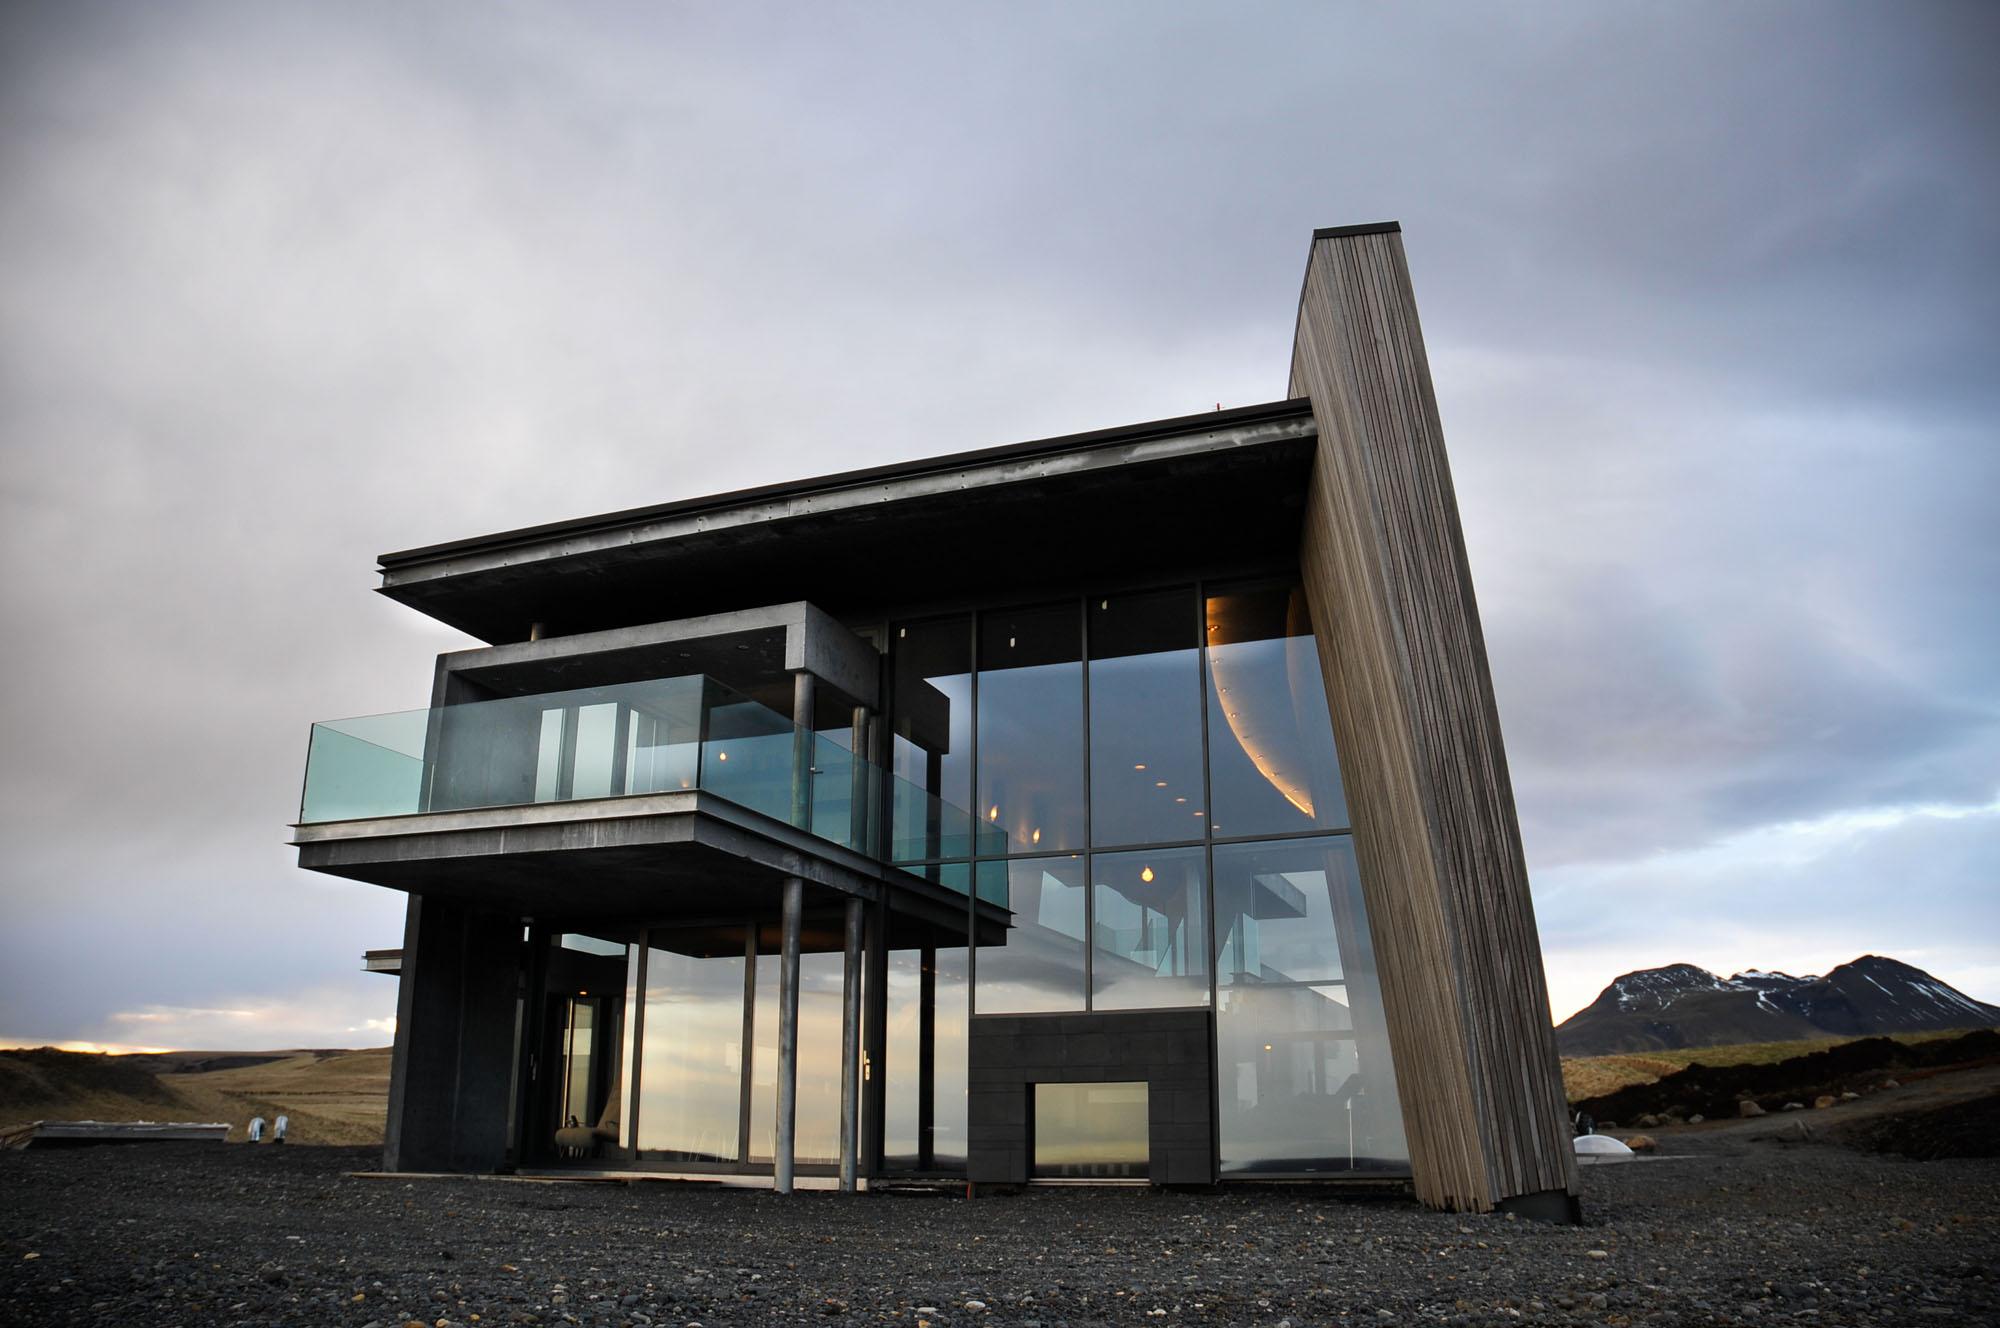 Casa g by gudmundur jonsson arkitektkontor home design